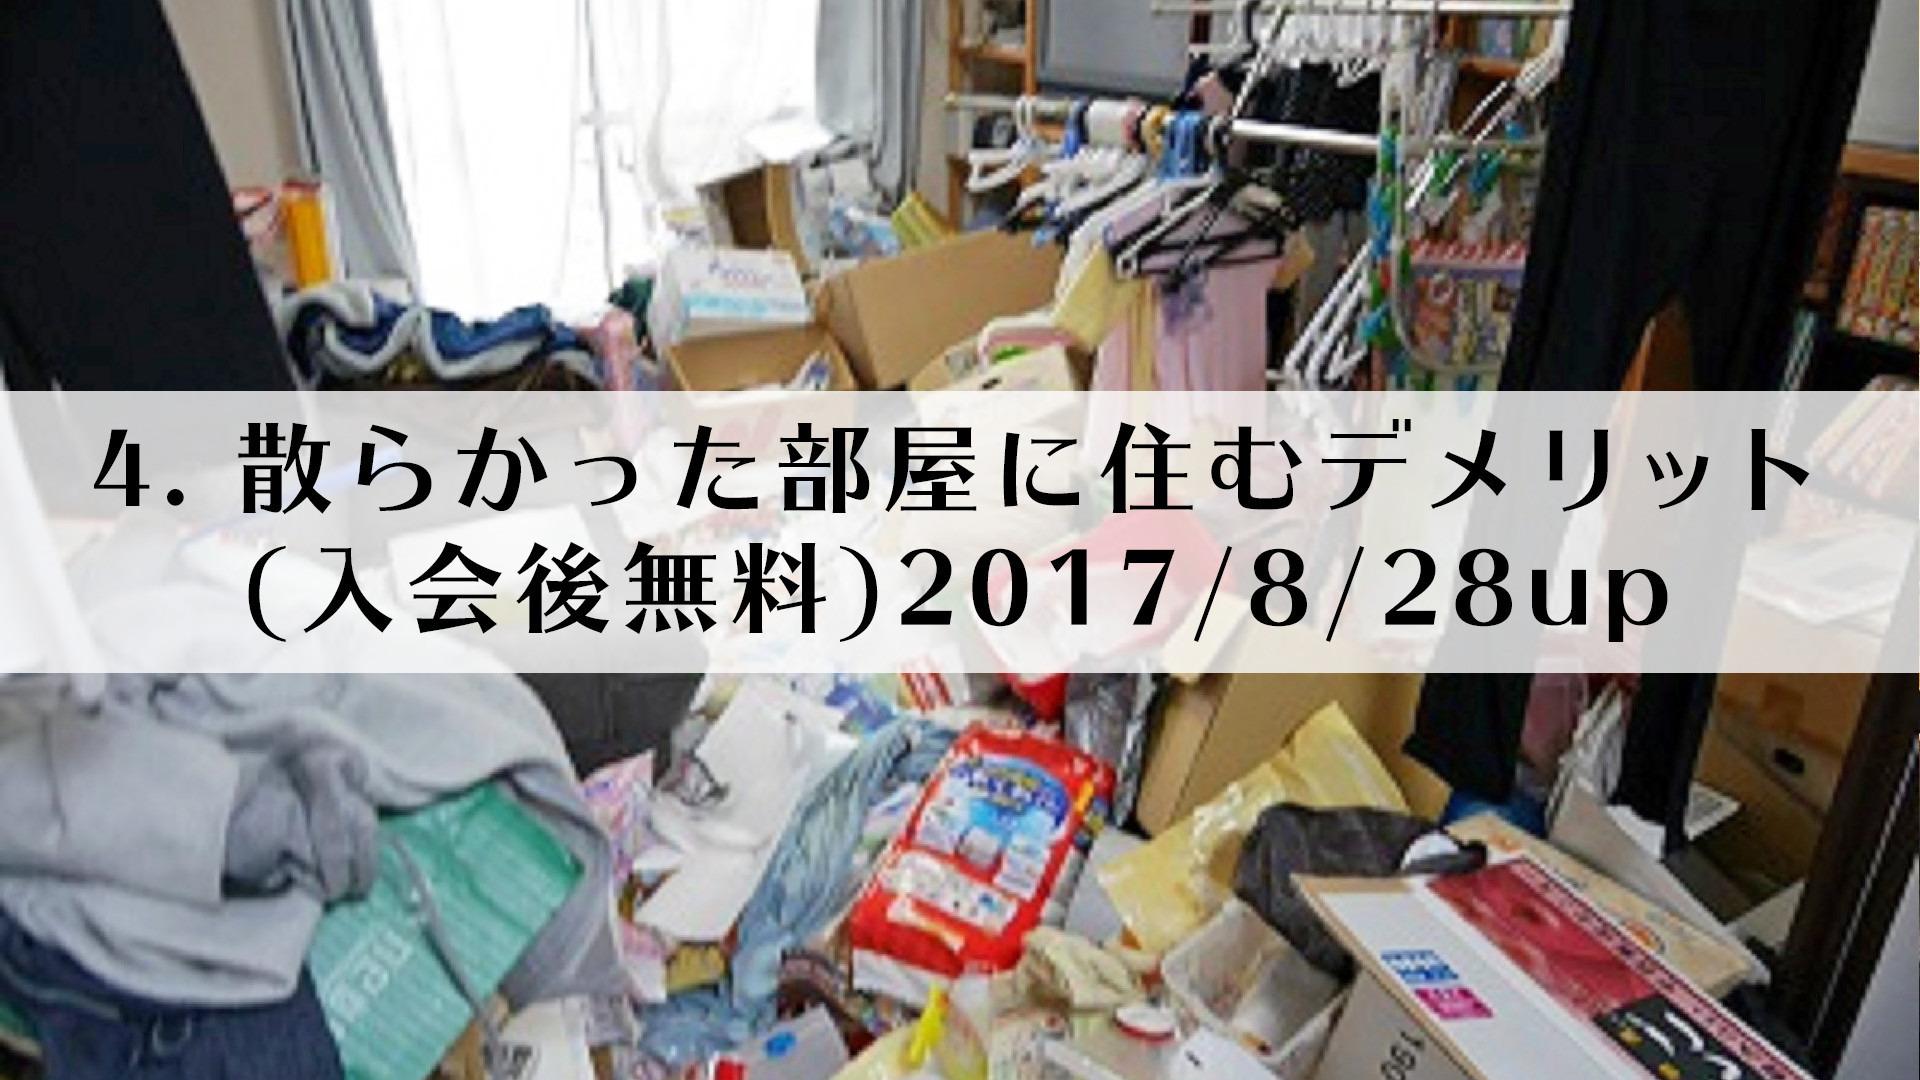 4.散らかった部屋に住むデメリット(入会後無料)2017/8/28up